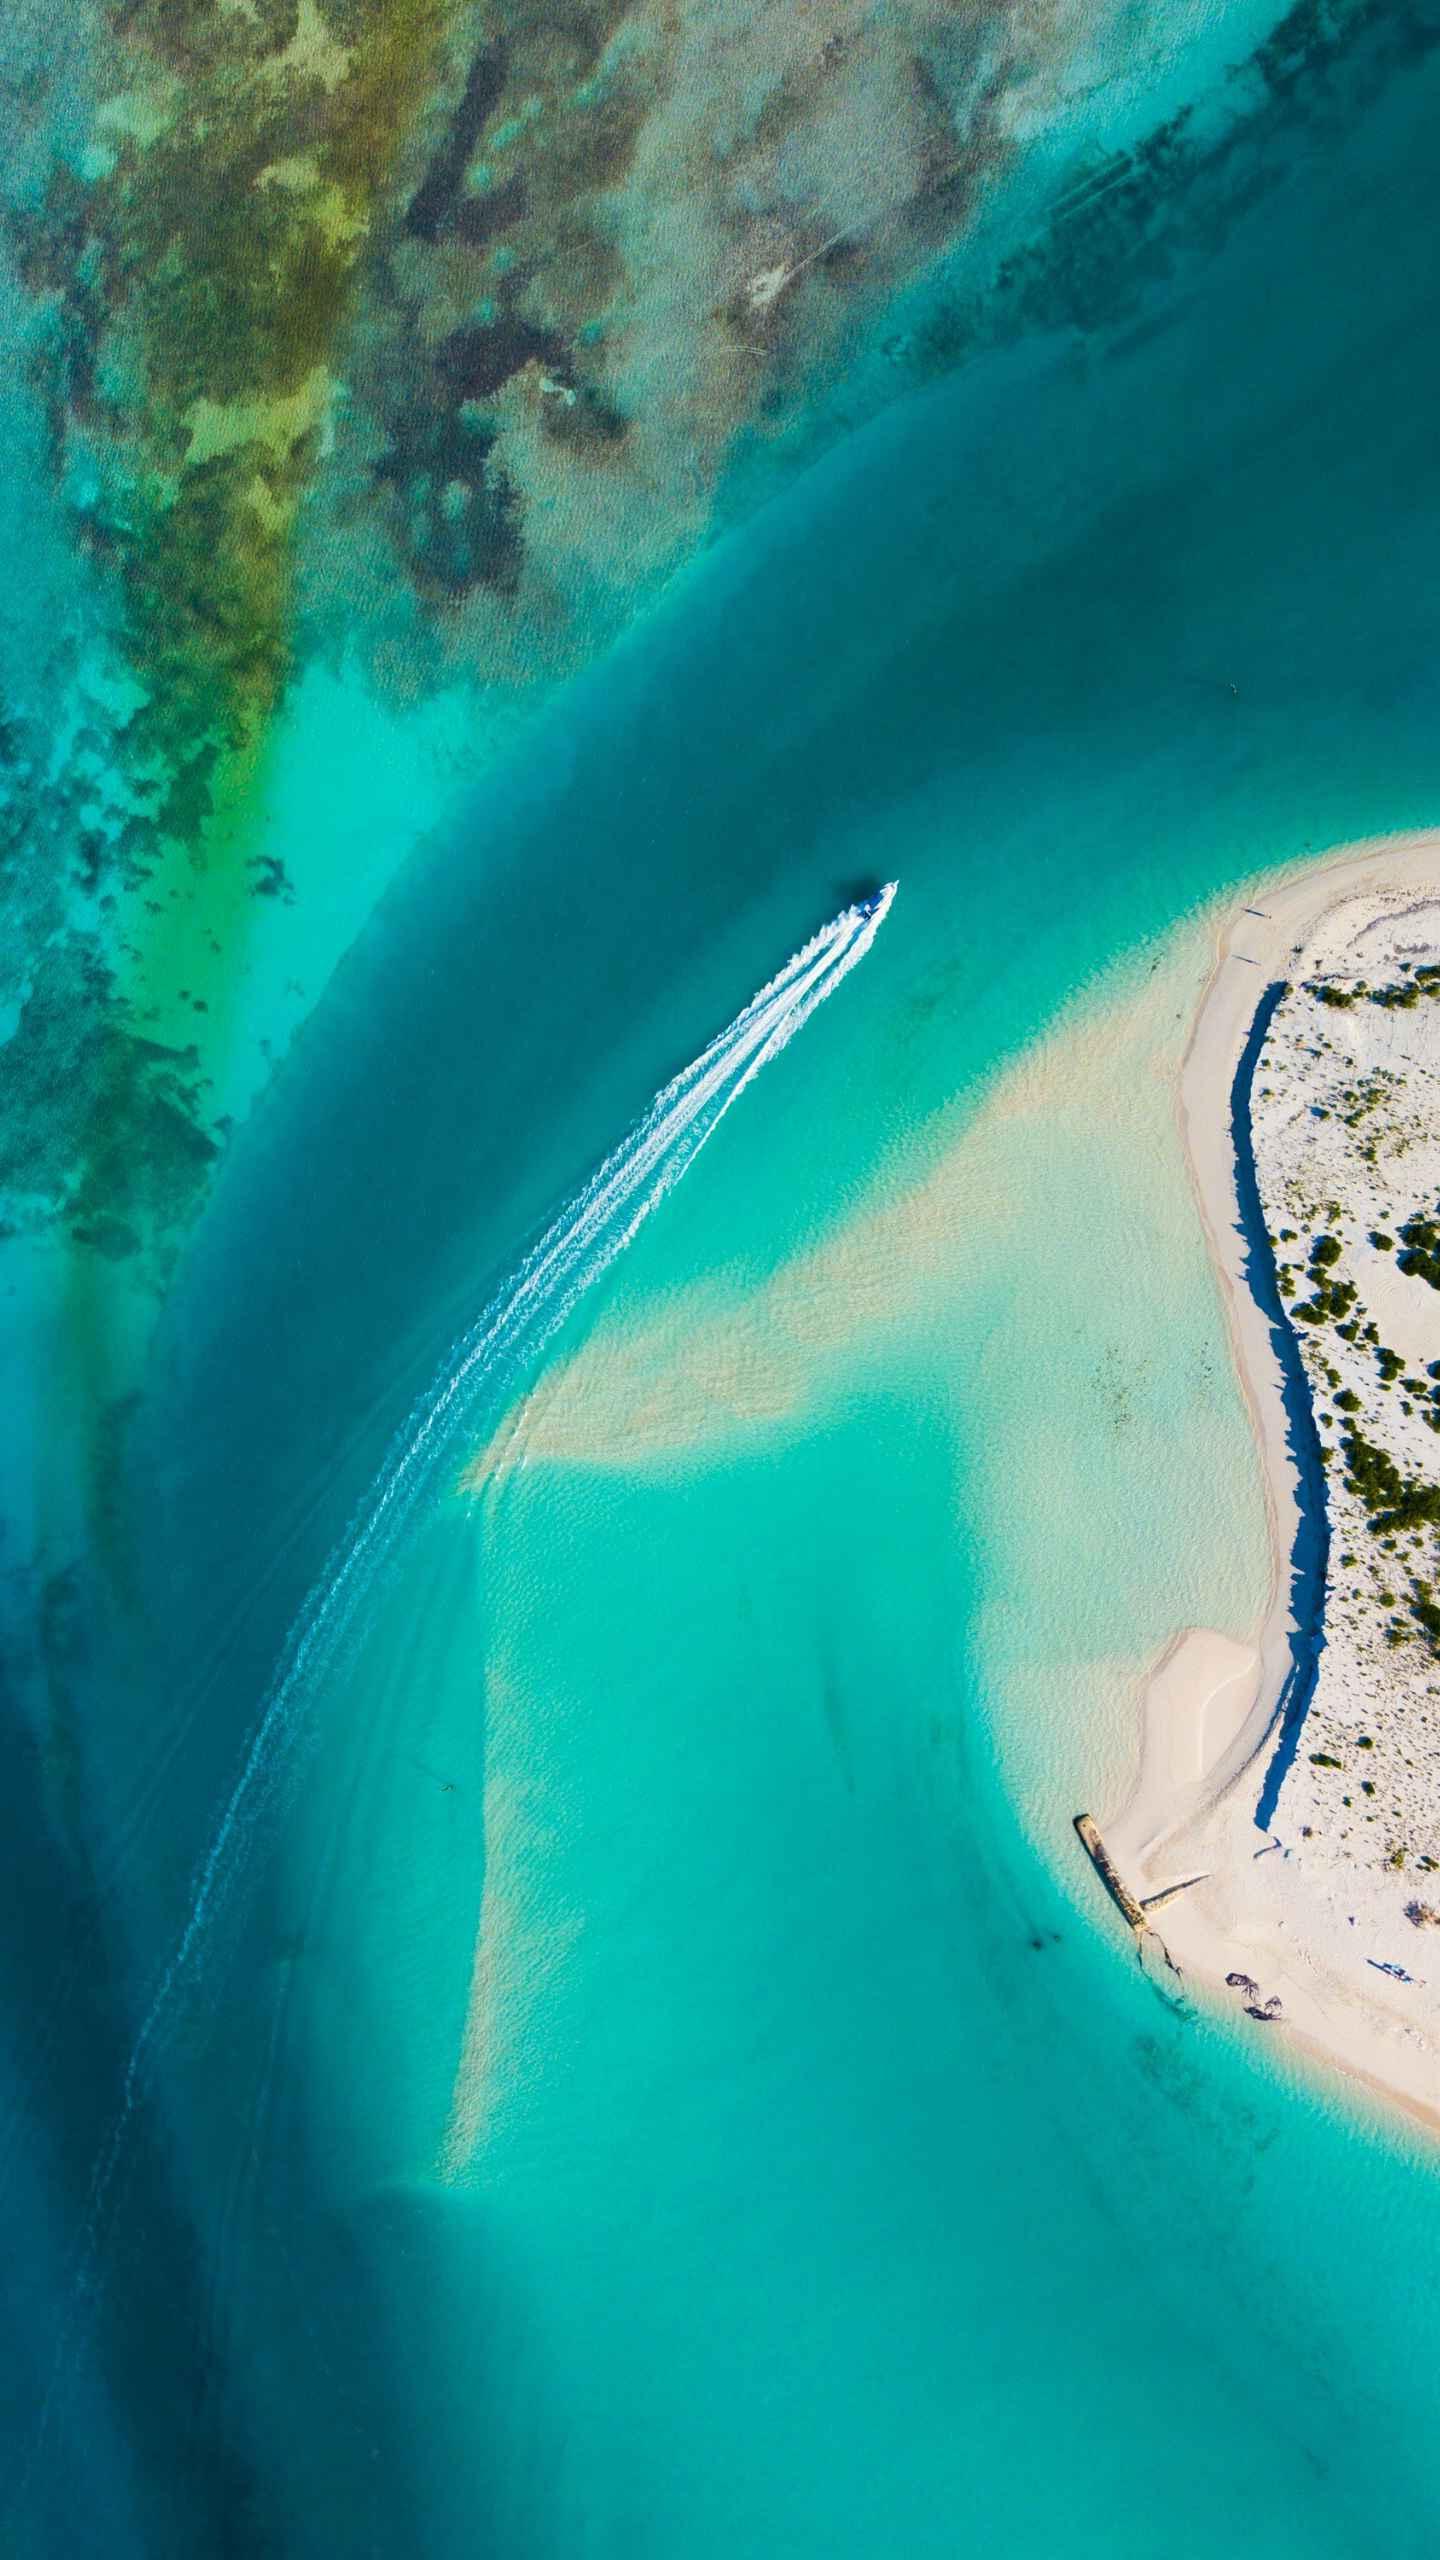 Ocean Top View iPhone Wallpaper